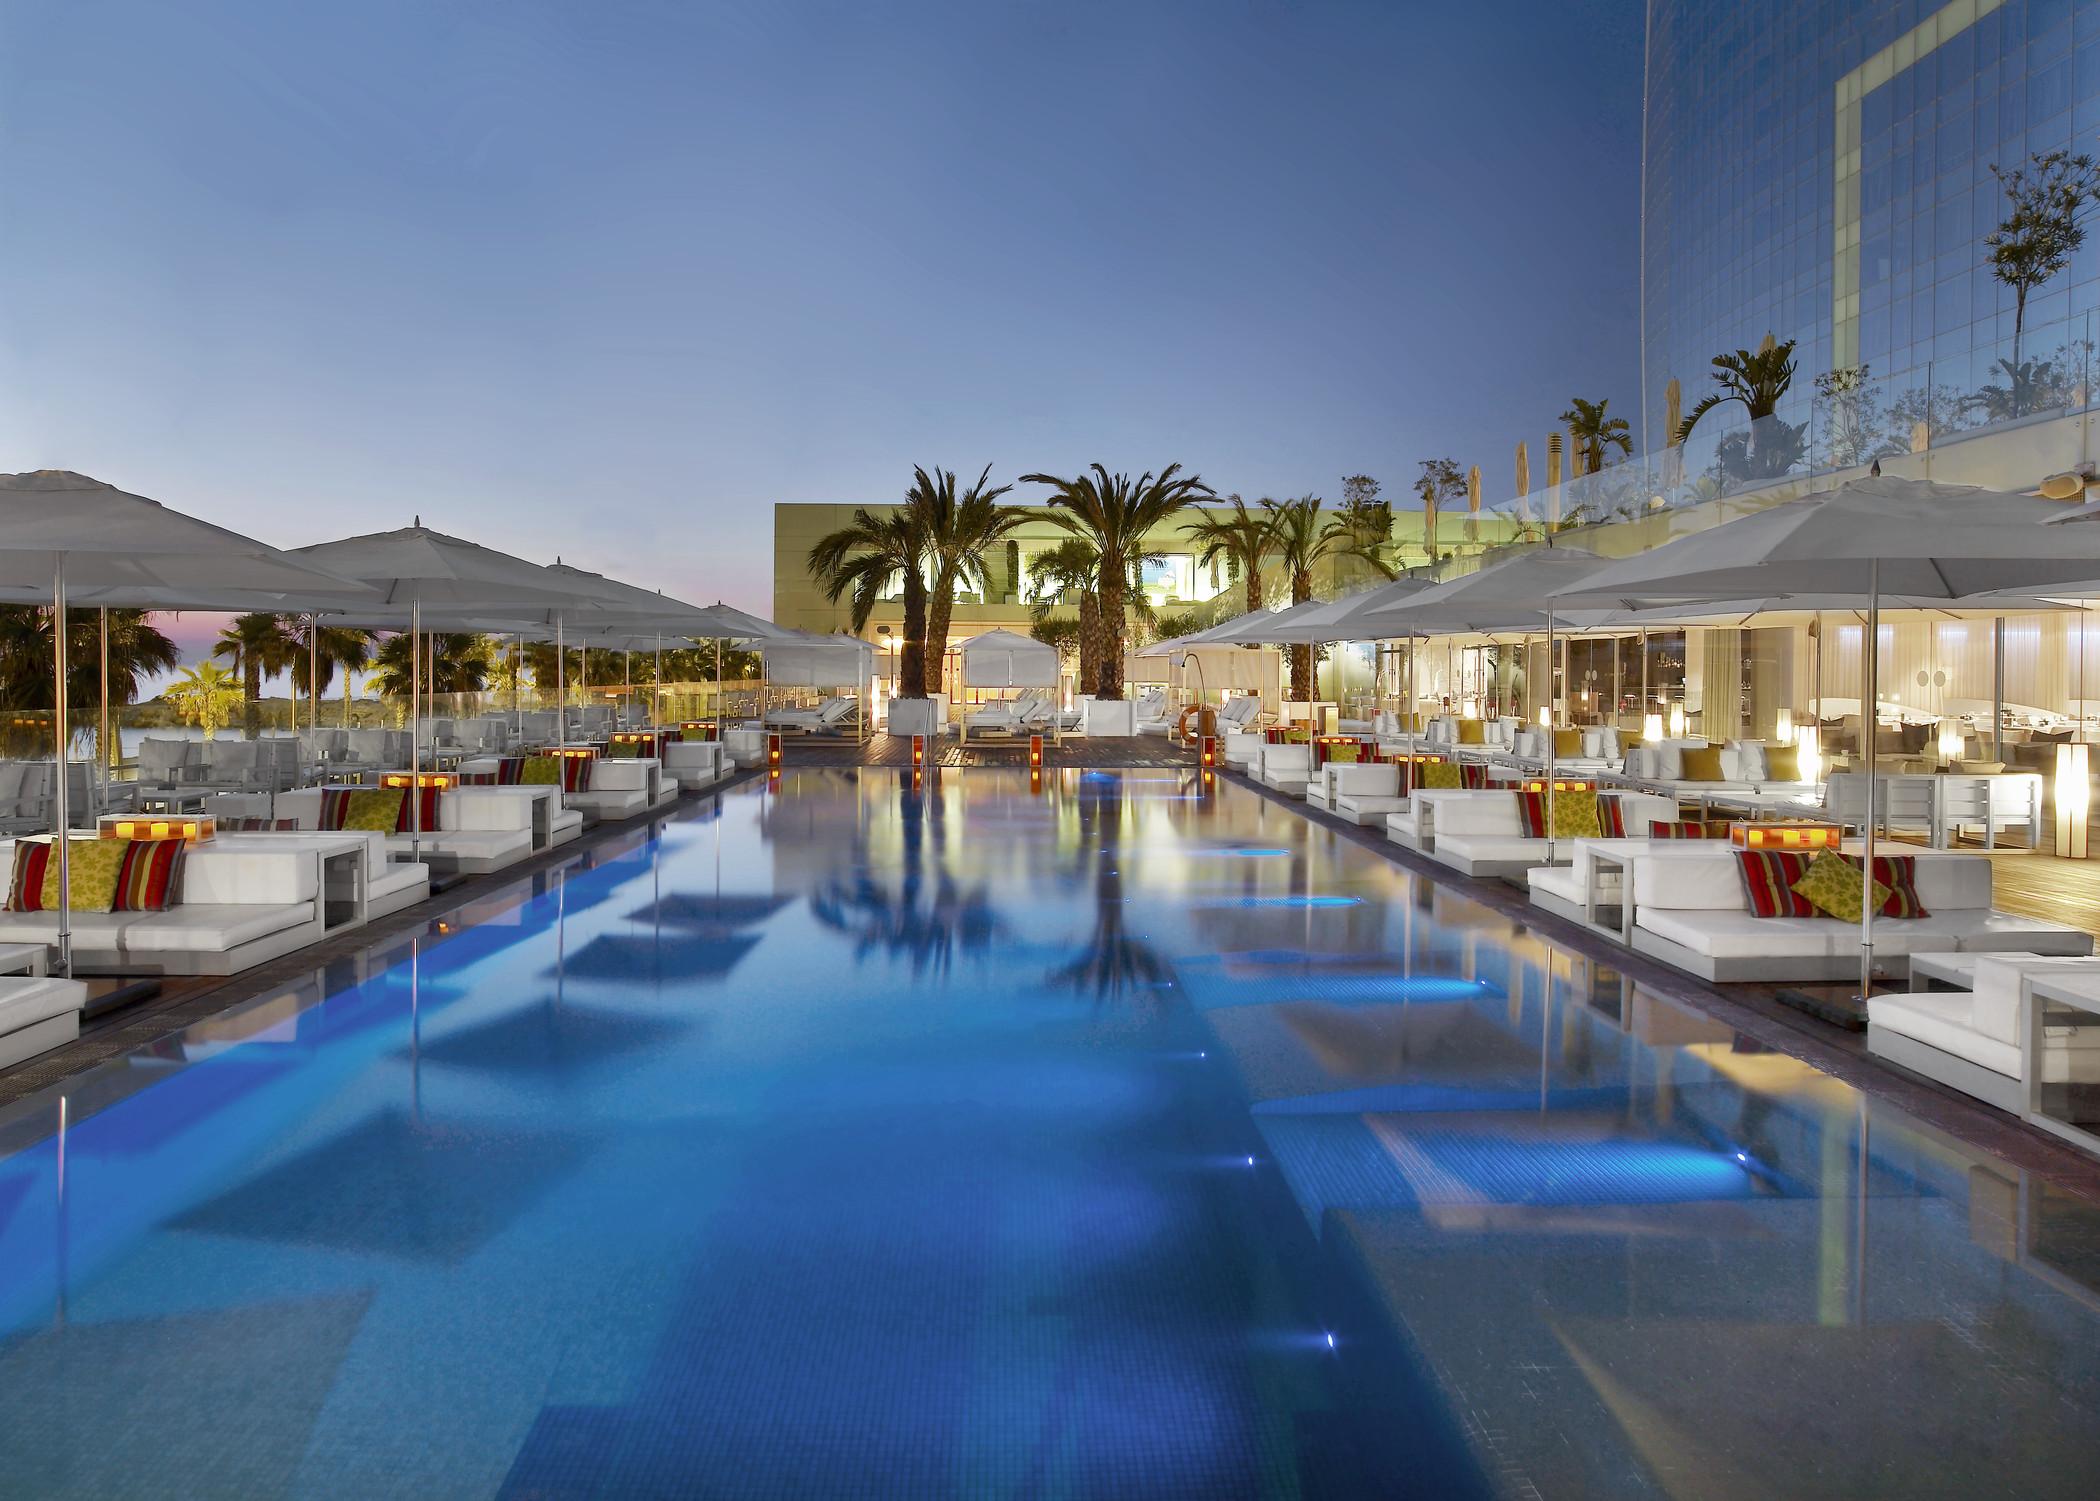 Las 10 mejores piscinas de hotel espa olas - Hotel piscina barcellona ...